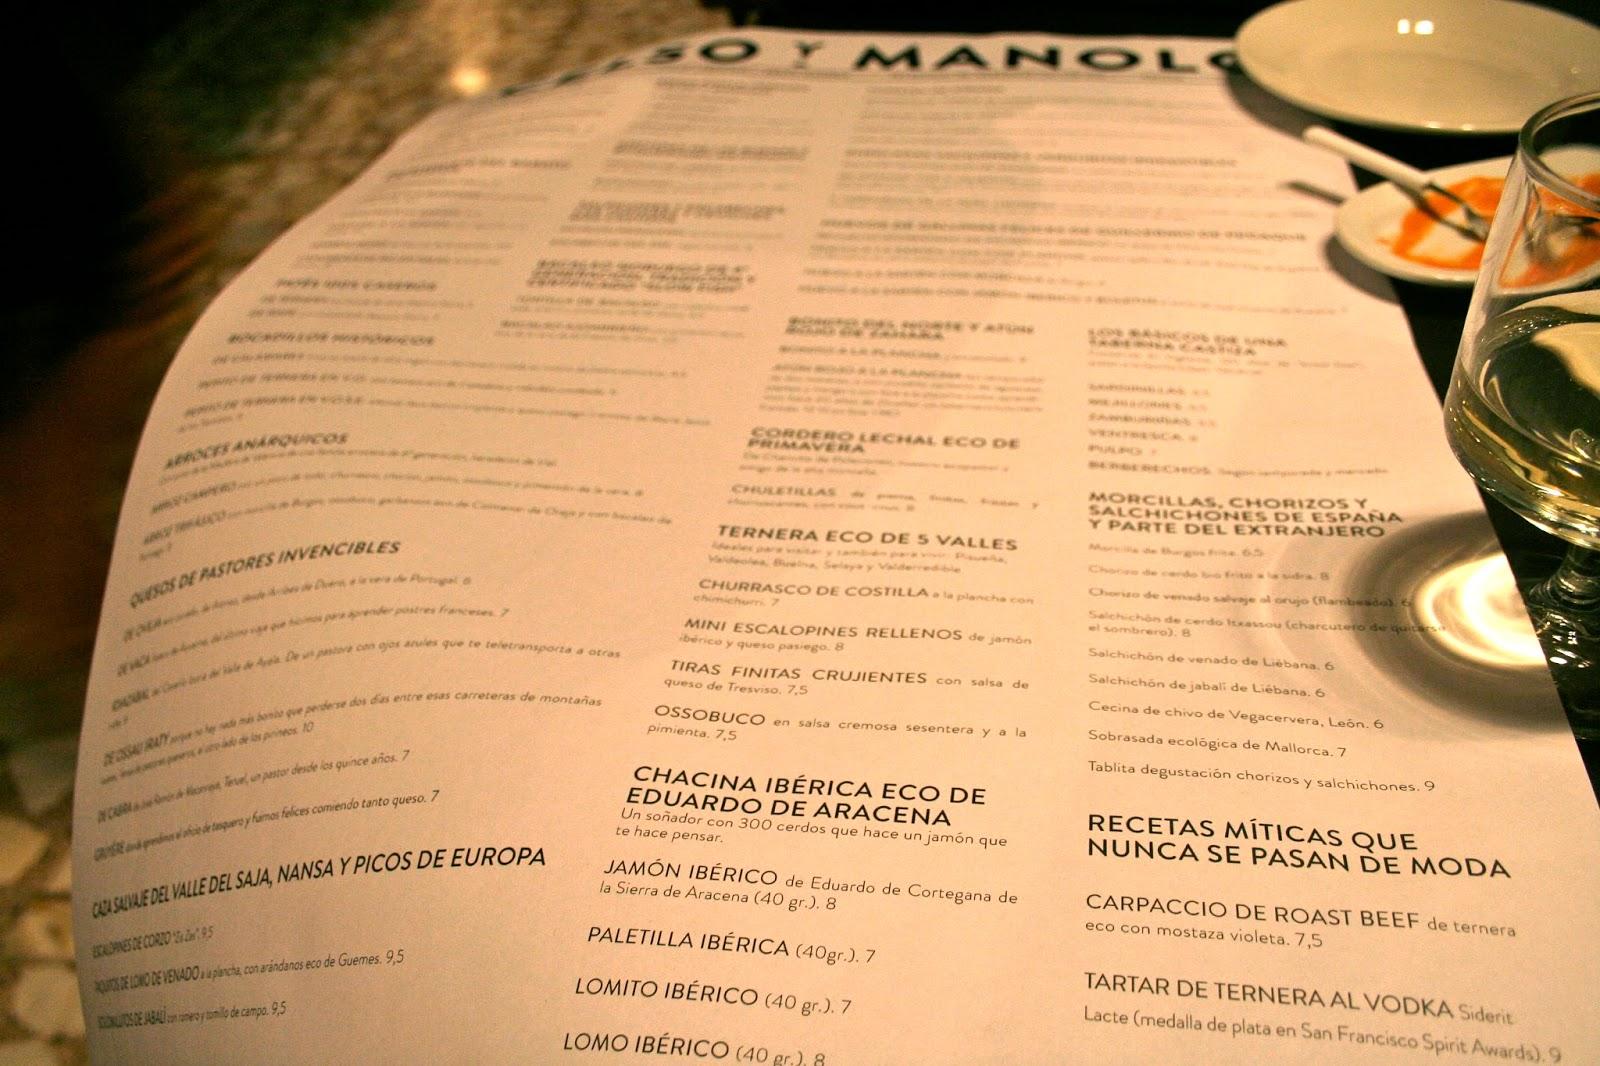 Celso y Manolo, Celso y Manolo Madrid, Chueca, estamostendenciados, Food & Café, Liberad 1, madrid, Madrid restaurante Chueca, restaurante Celso y Manolo, Taberna Carmencita, tendencia,